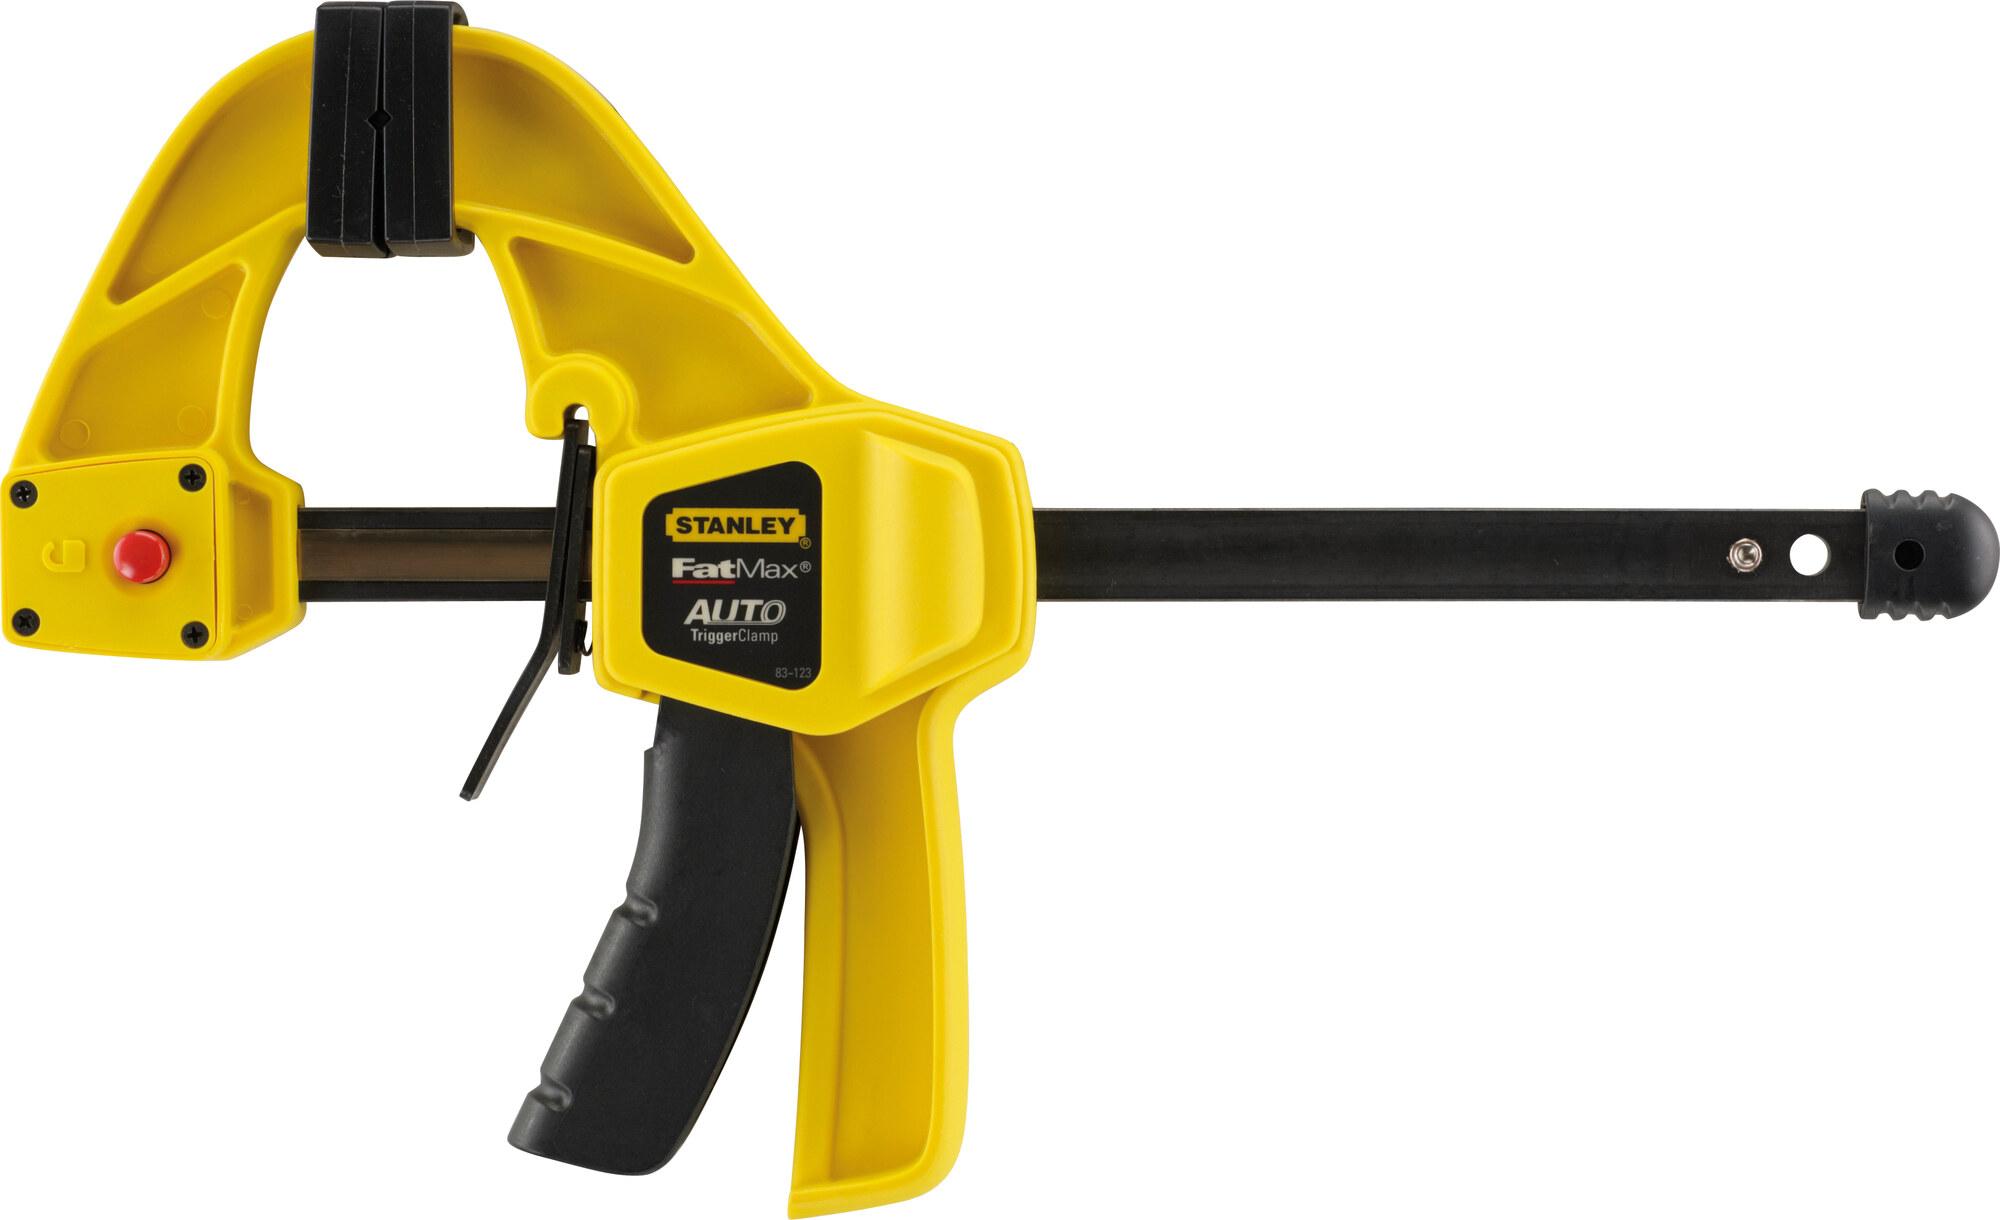 stanley einhandzwinge fatmax selbstsp. 150mm stanley - shop: up to